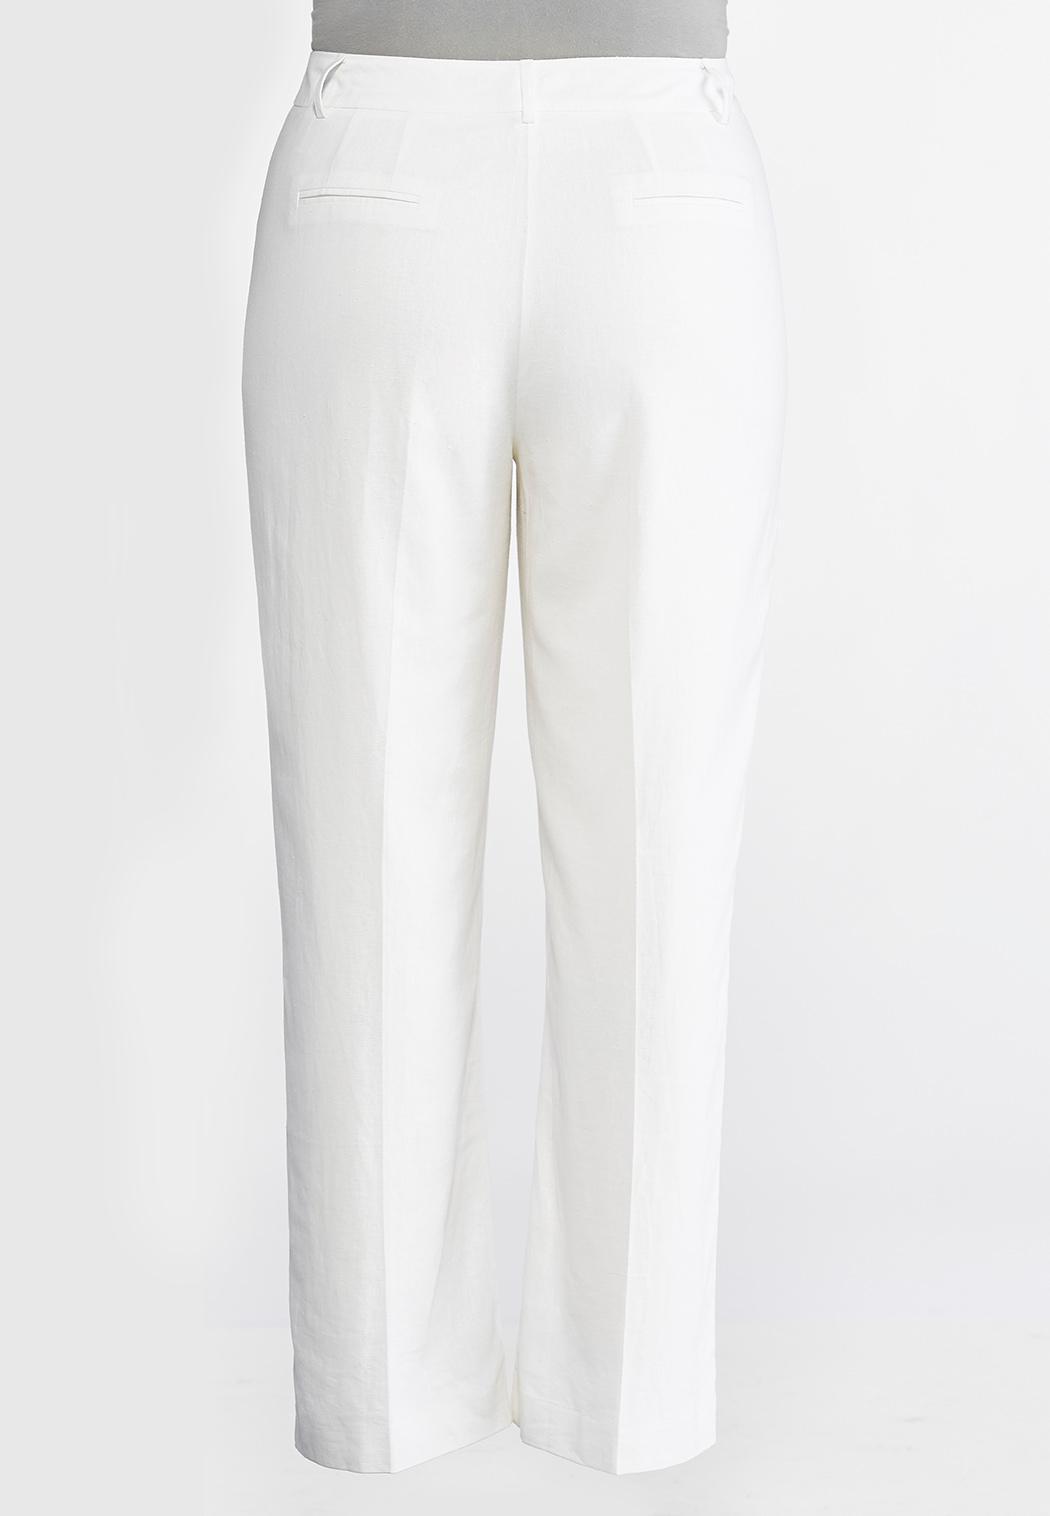 Plus Size White Linen Trouser Pants (Item #44115070)